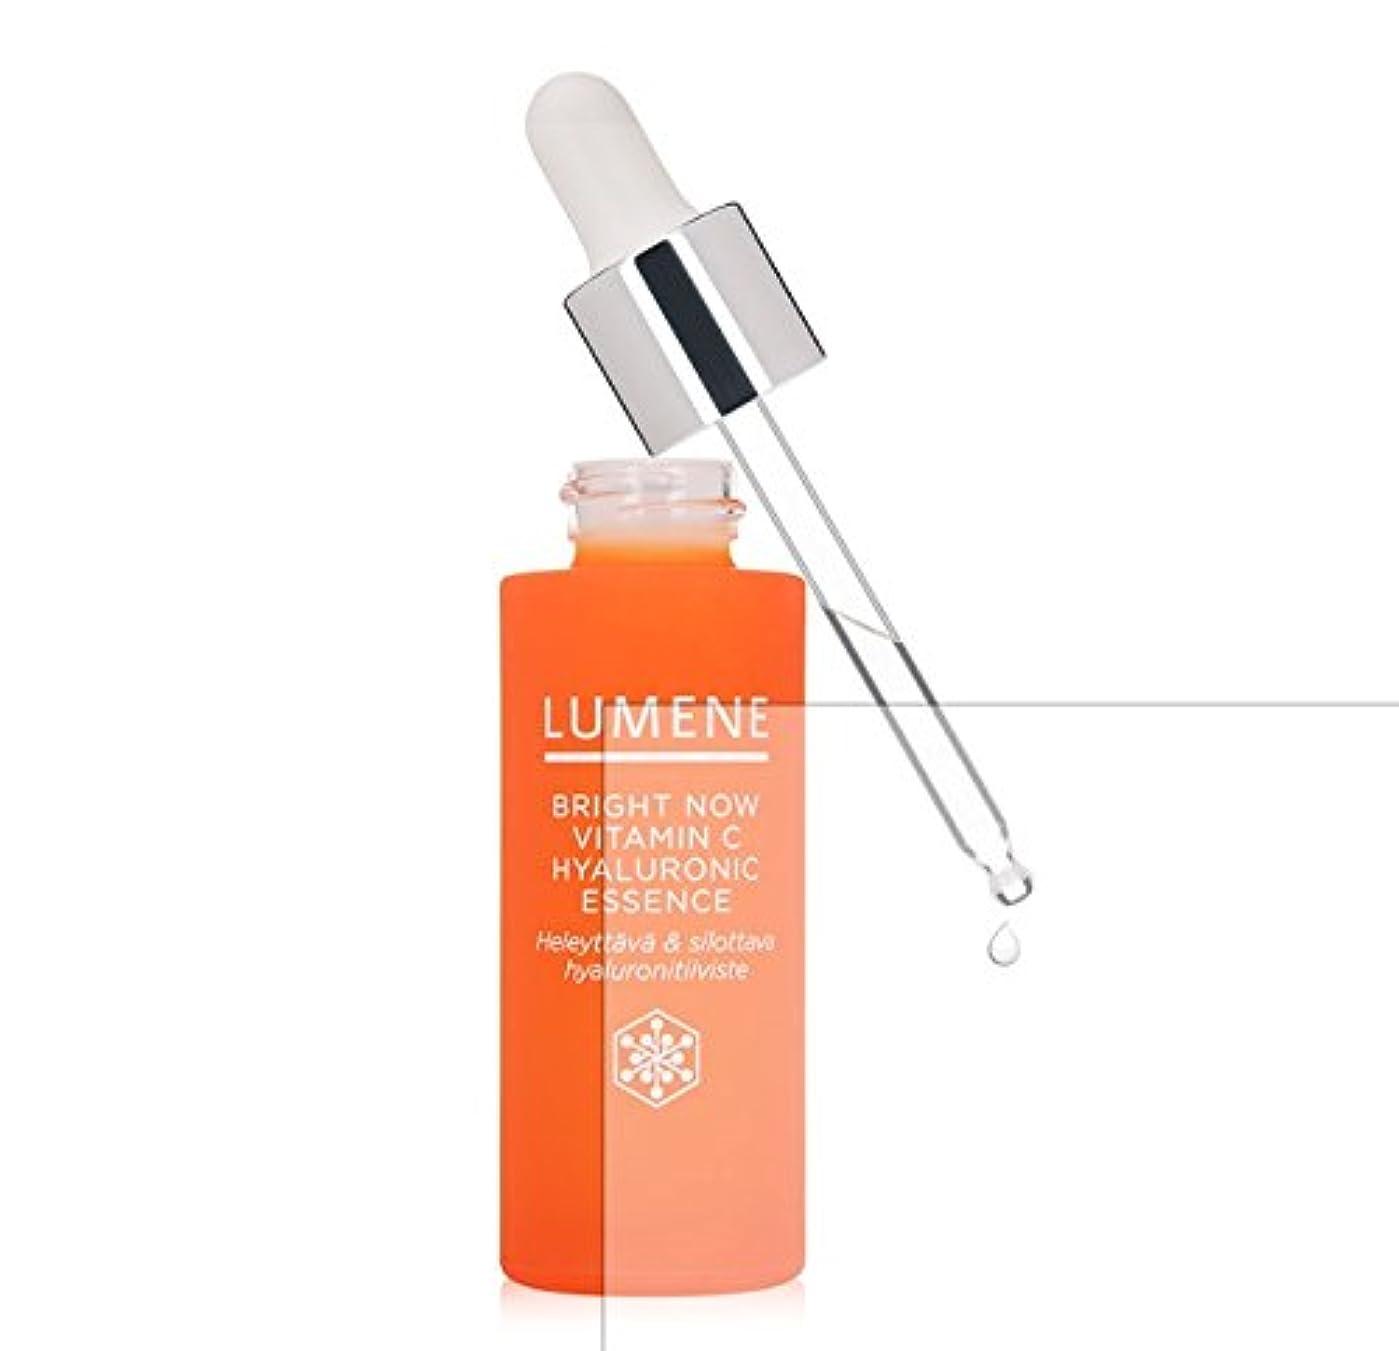 思慮のない物語歴史的Lumene Bright Now Vitamin C Hyaluronic Essence (1 fl oz.) 美容液 [並行輸入品]